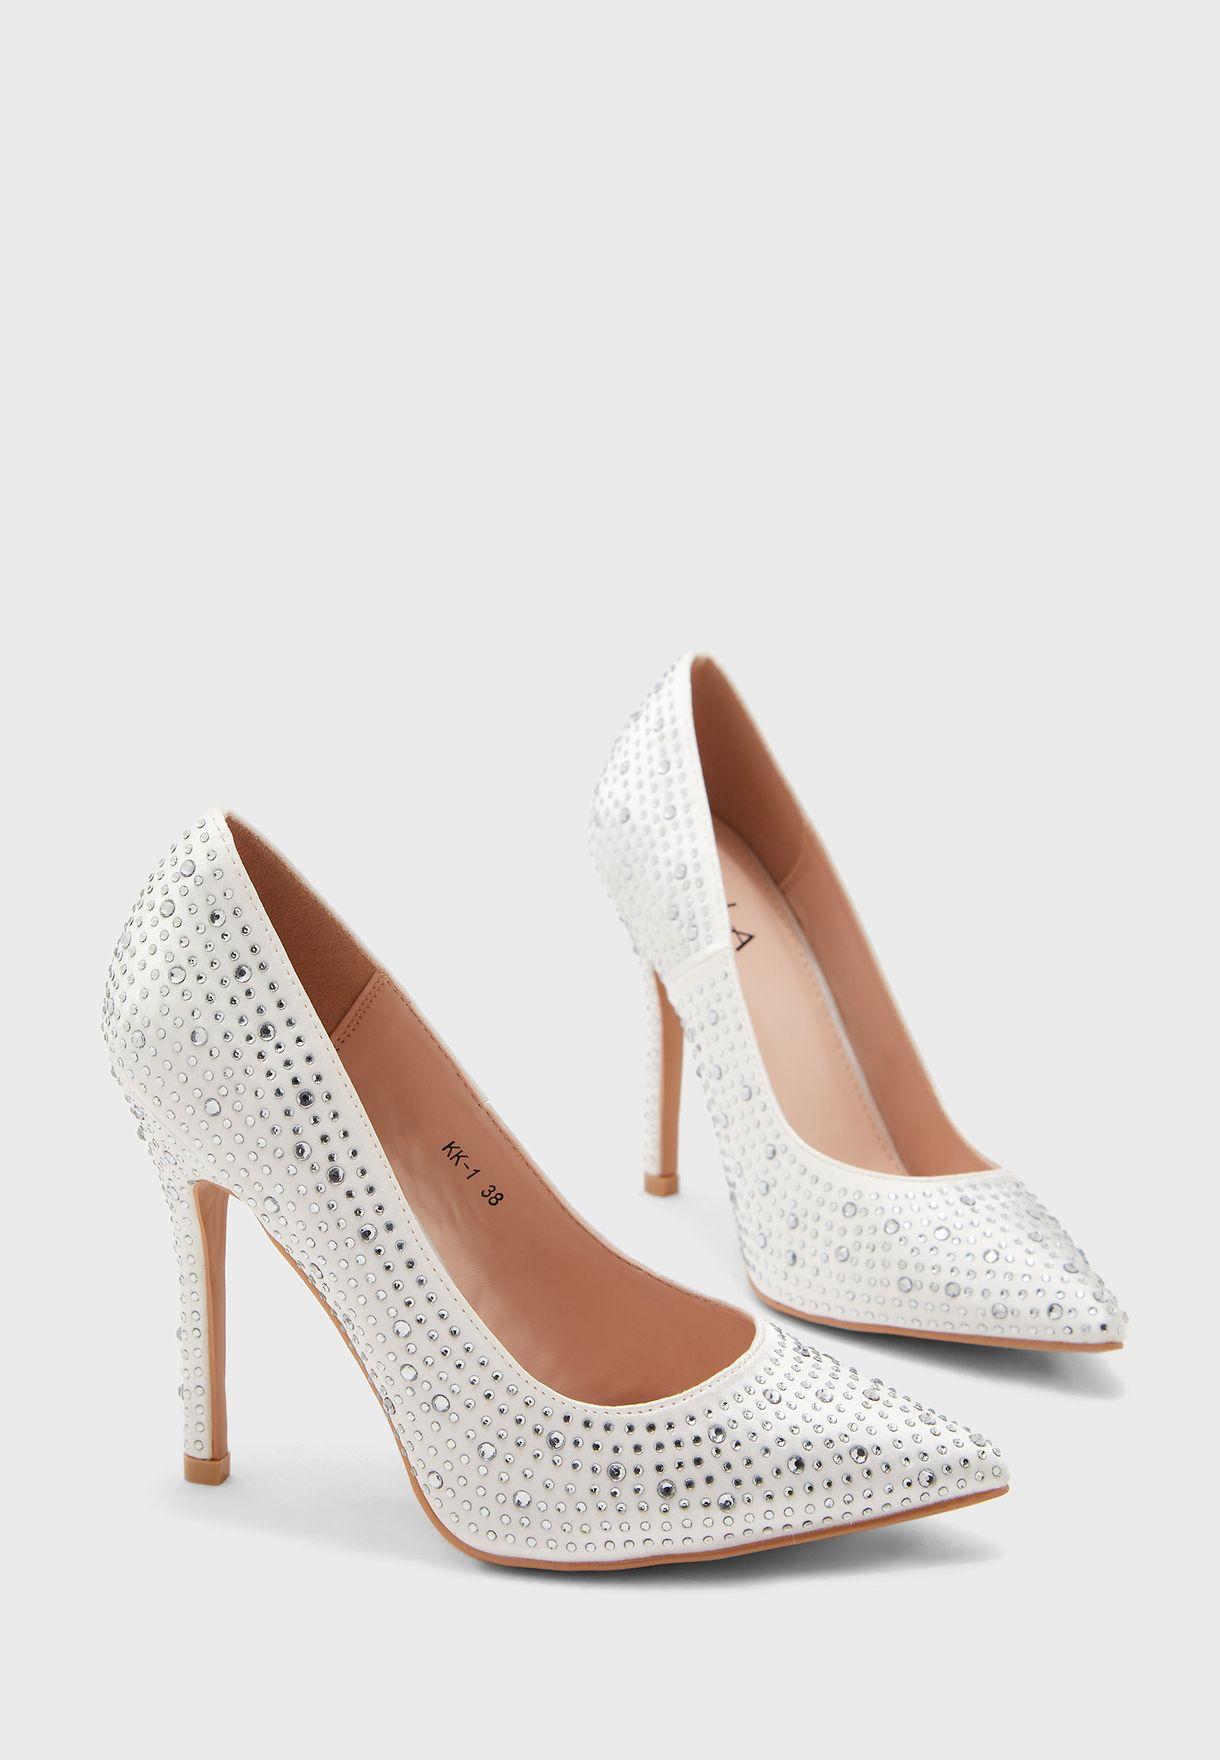 حذاء مزين بأحجار الراين